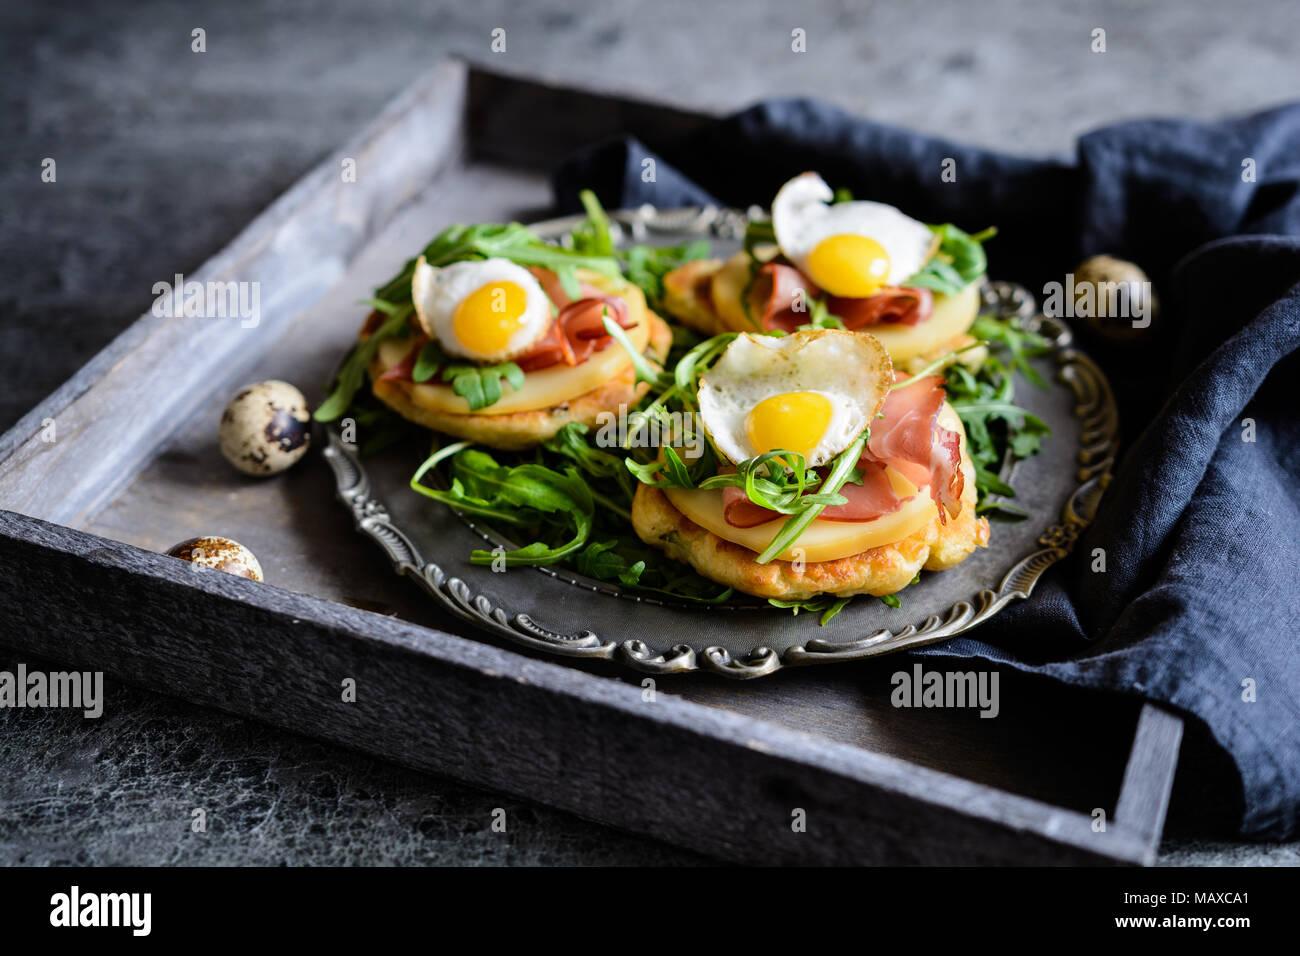 Yogurt salato e scalogno pancake con Black Forrest prosciutto, formaggio affumicato a fette, uovo di quaglia e rucola Immagini Stock